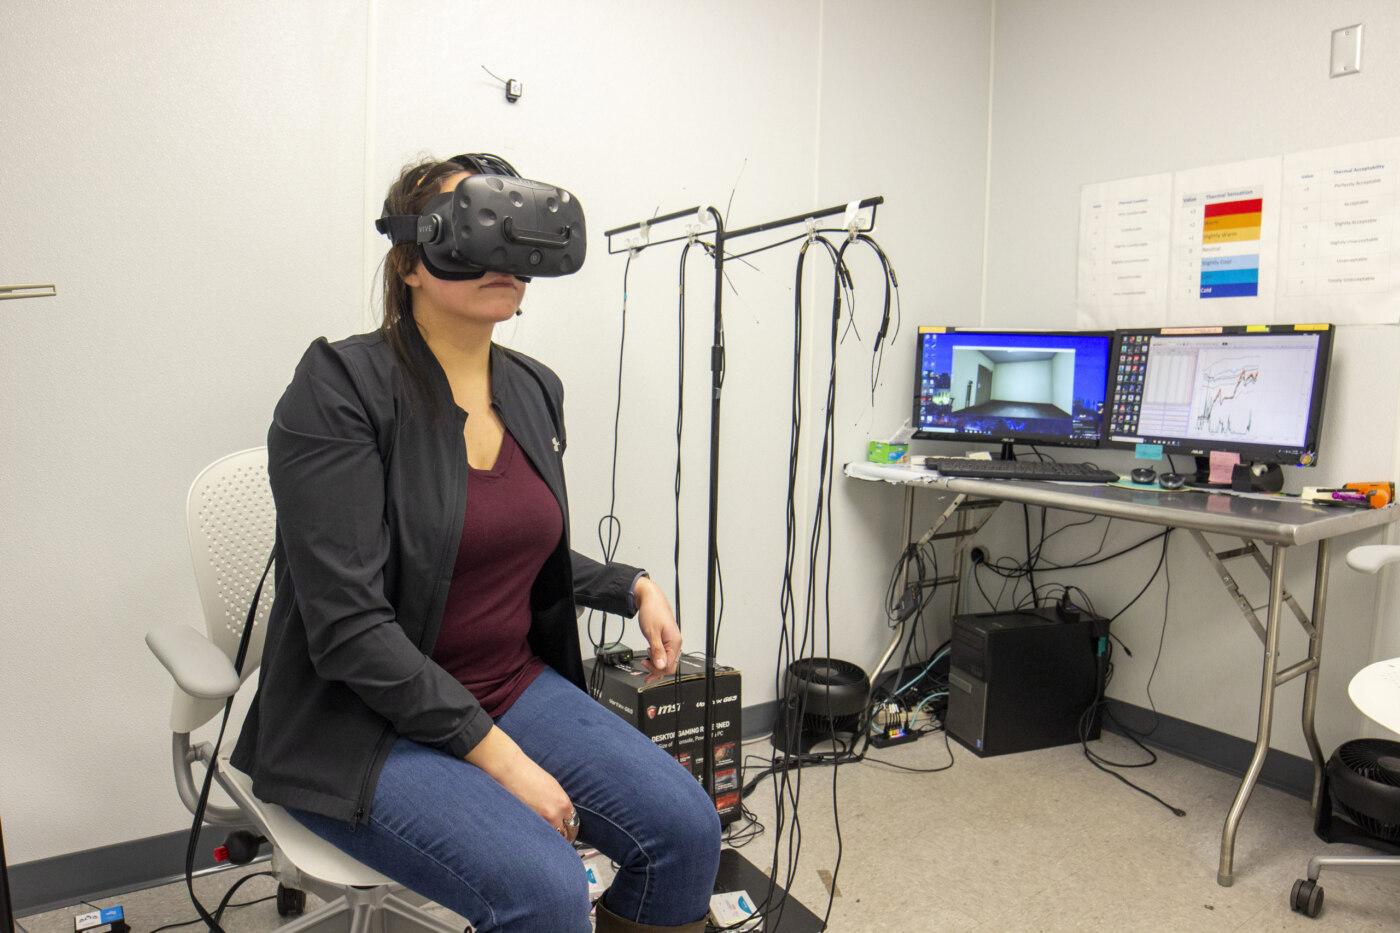 Virtuelle Umgebung: Wie Mensch und Gebäude interagieren